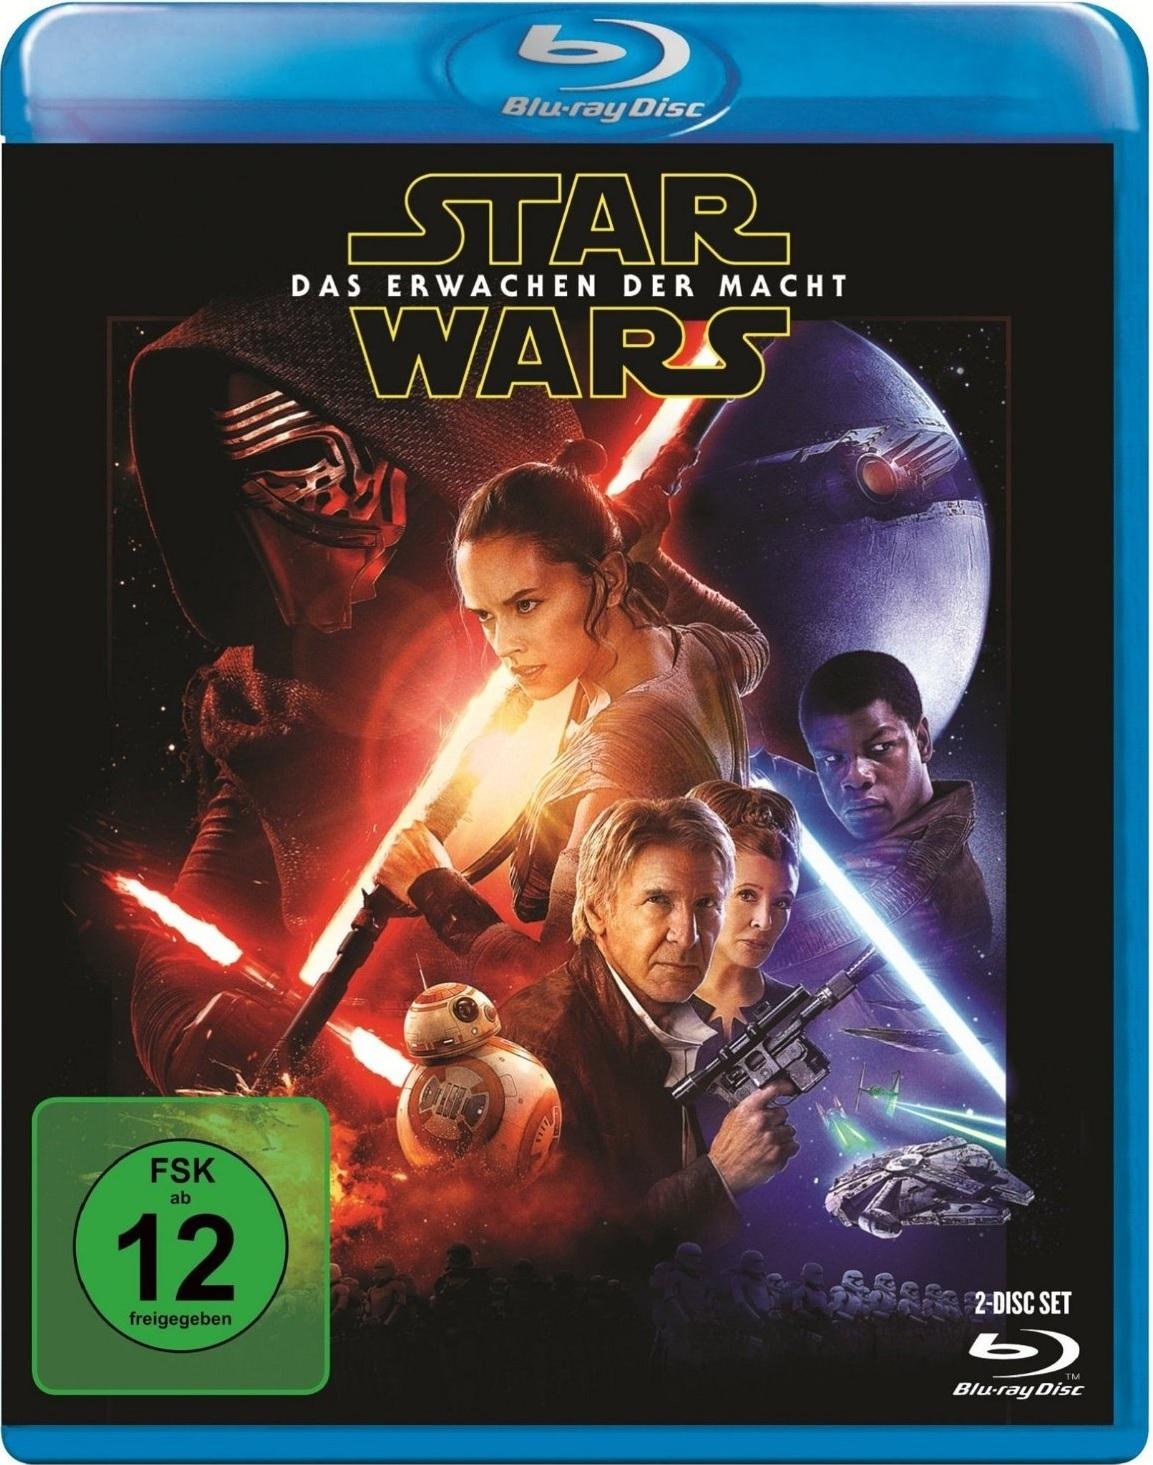 Star Wars: Das Erwachen der Macht [2 Discs]